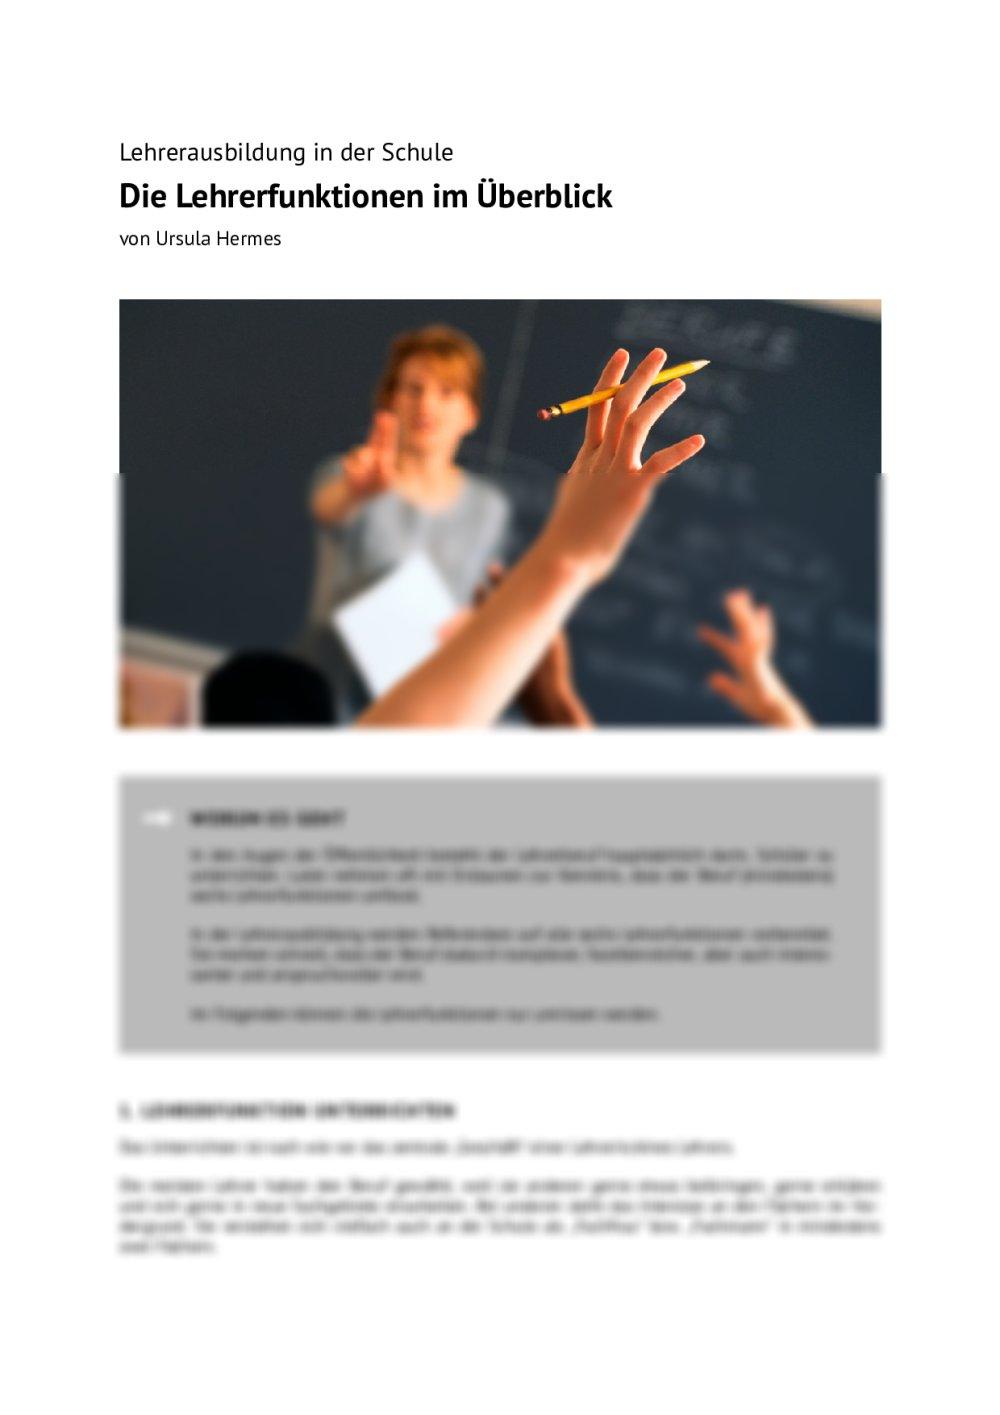 Die Lehrerfunktionen im Überblick - Seite 1